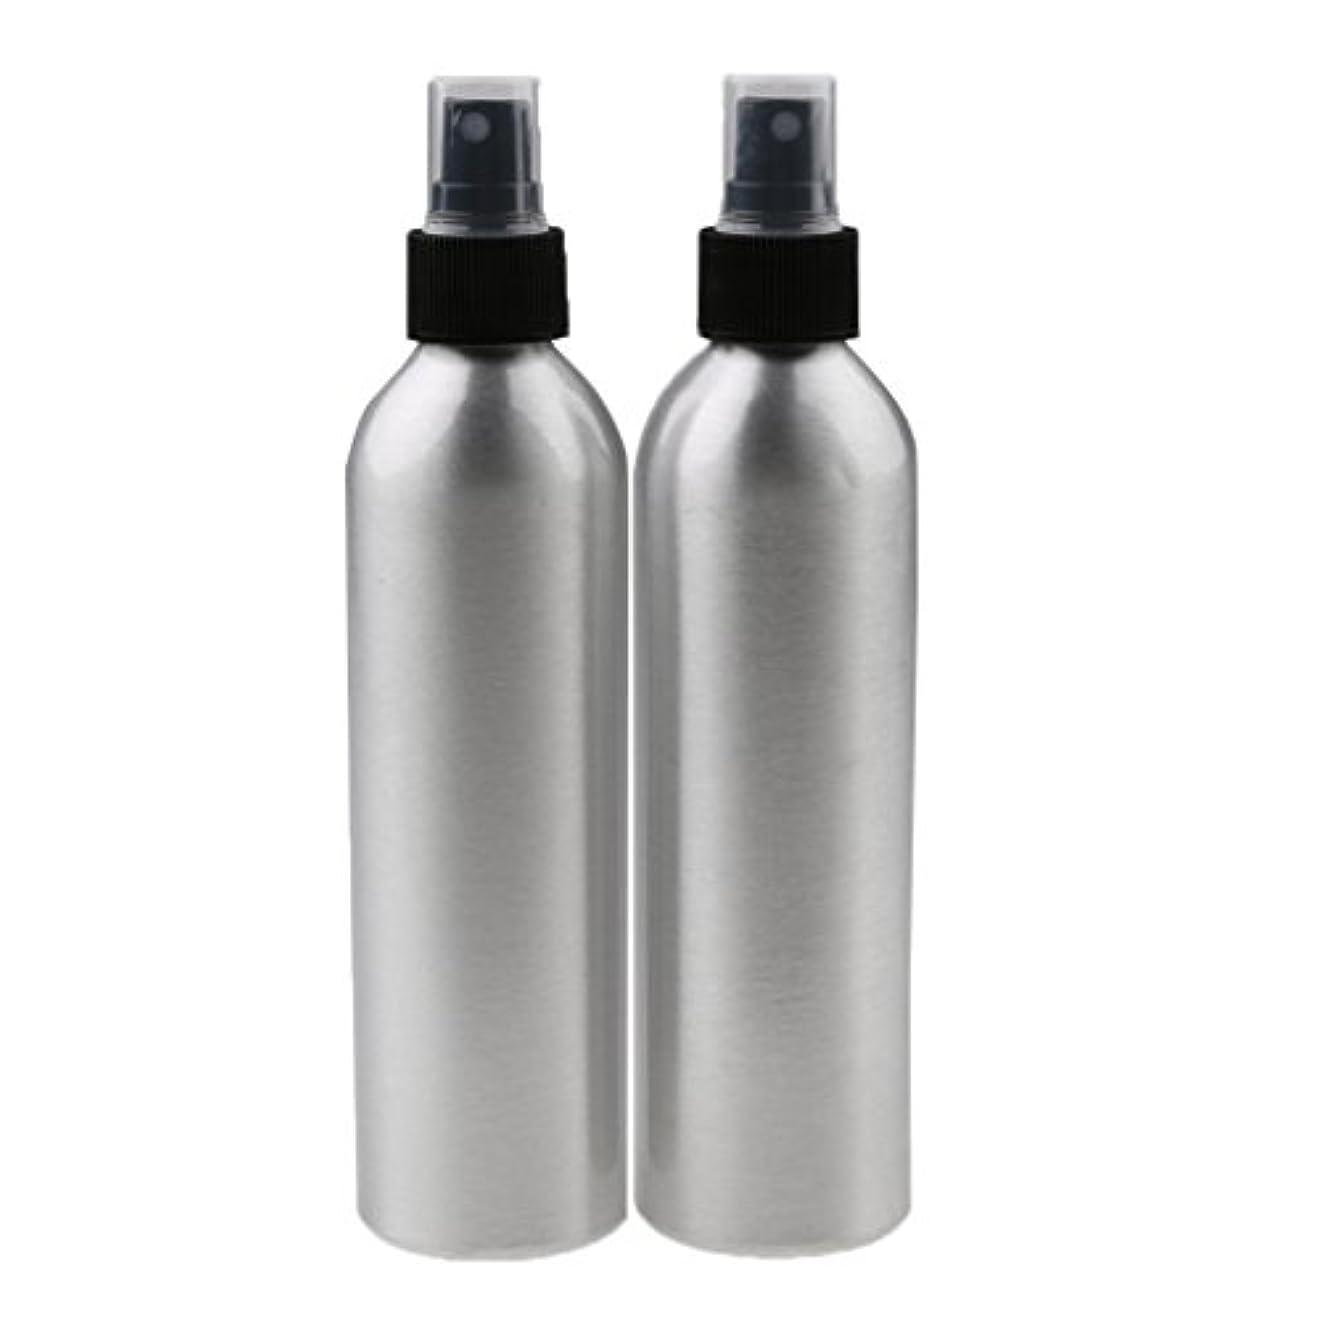 墓言い聞かせる貸し手Lovoski 2個入り 旅行 アルミ ミスト スプレー 香水ボトル メイクアップ スプレー アトマイザー 香水瓶 携帯用 軽量 便利  全4サイズ - 100ml